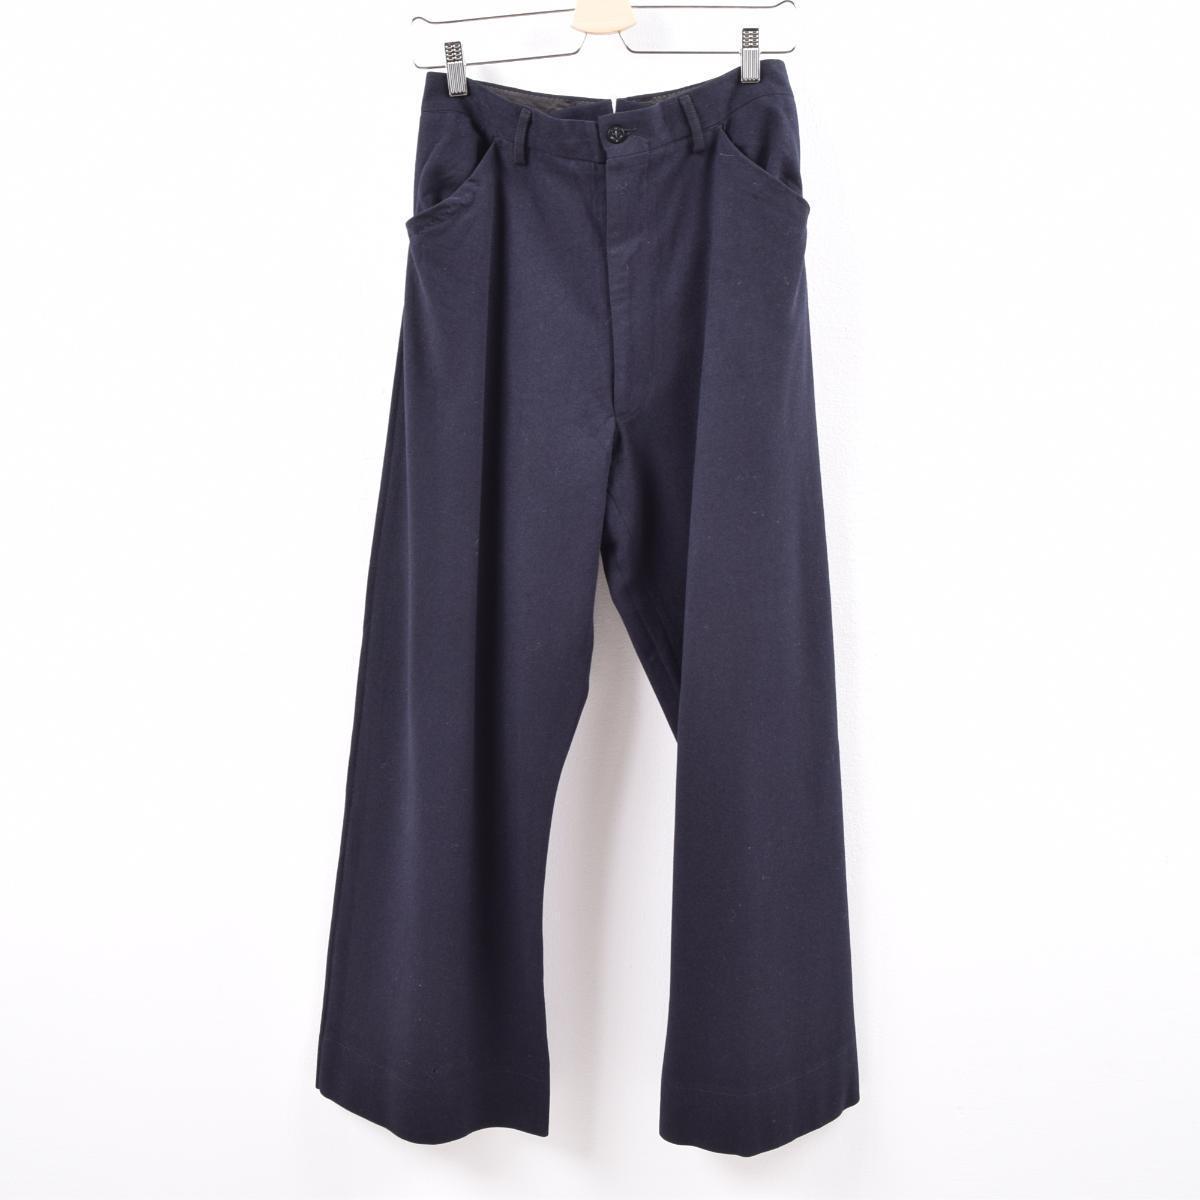 50年代 米軍実品 U.S.NAVY NAVAL CLOTHING DEPOT ウールパンツ セーラーパンツ USA製 レディースL(w30) ヴィンテージ /wbk6665 【中古】 【191028】【SS2003】